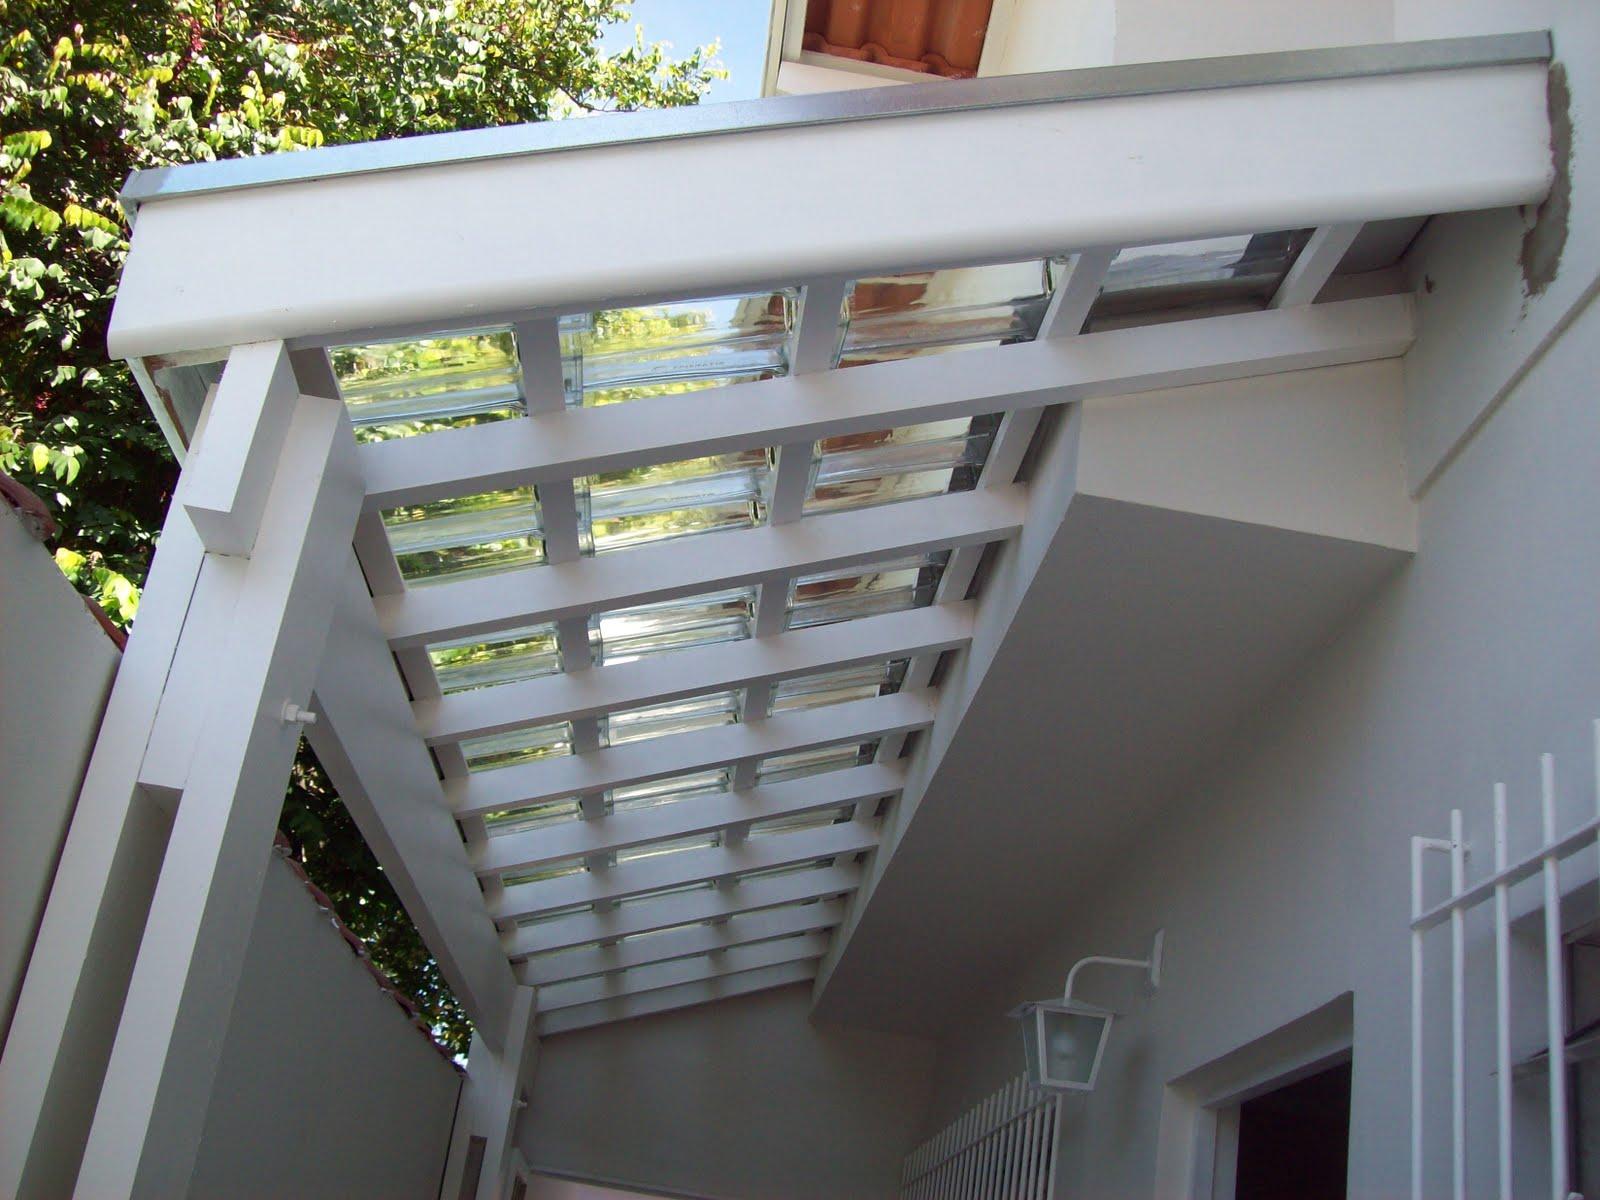 Raimundo Oliveira Construçôes: Telhado de Vidro #858B40 1600 1200